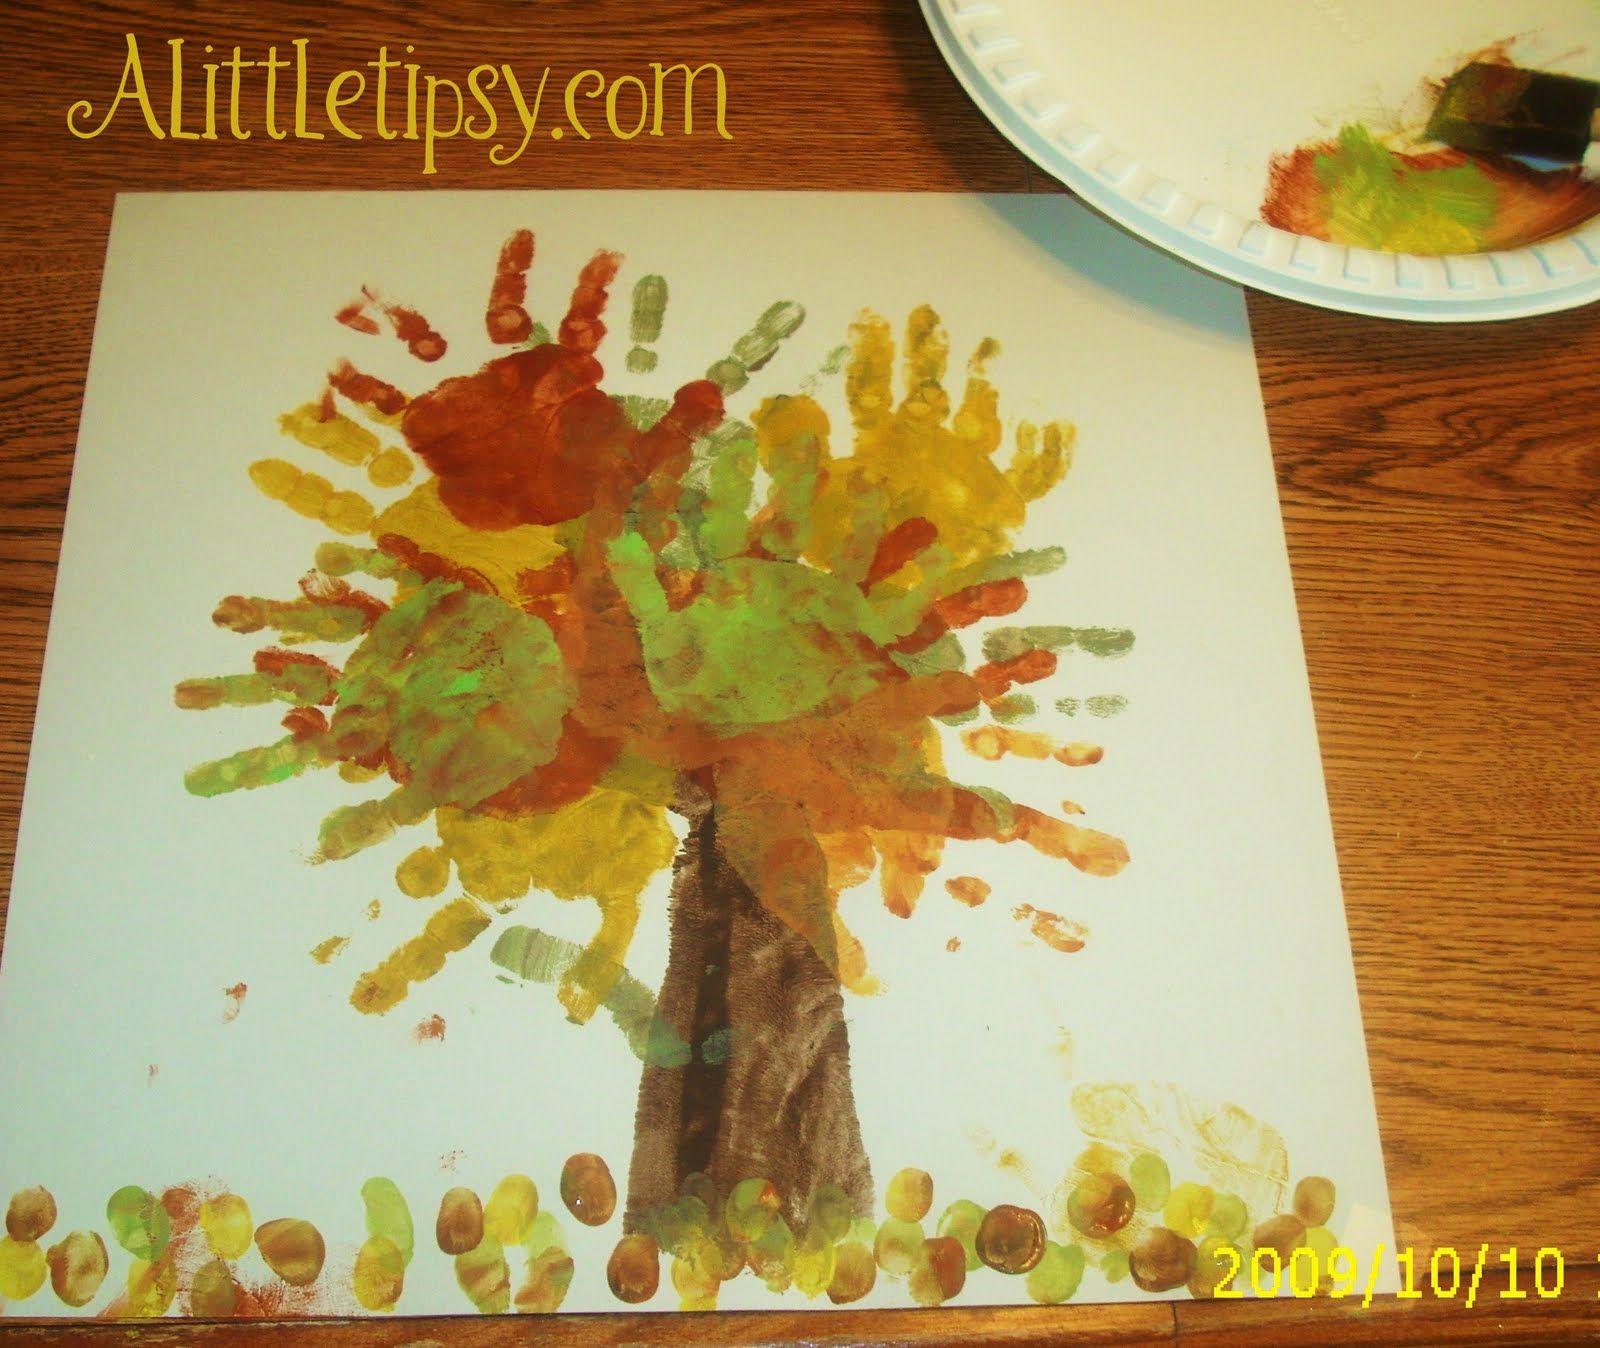 arbre en peinture aux doigts automne bricolage automne automne et brico automne. Black Bedroom Furniture Sets. Home Design Ideas